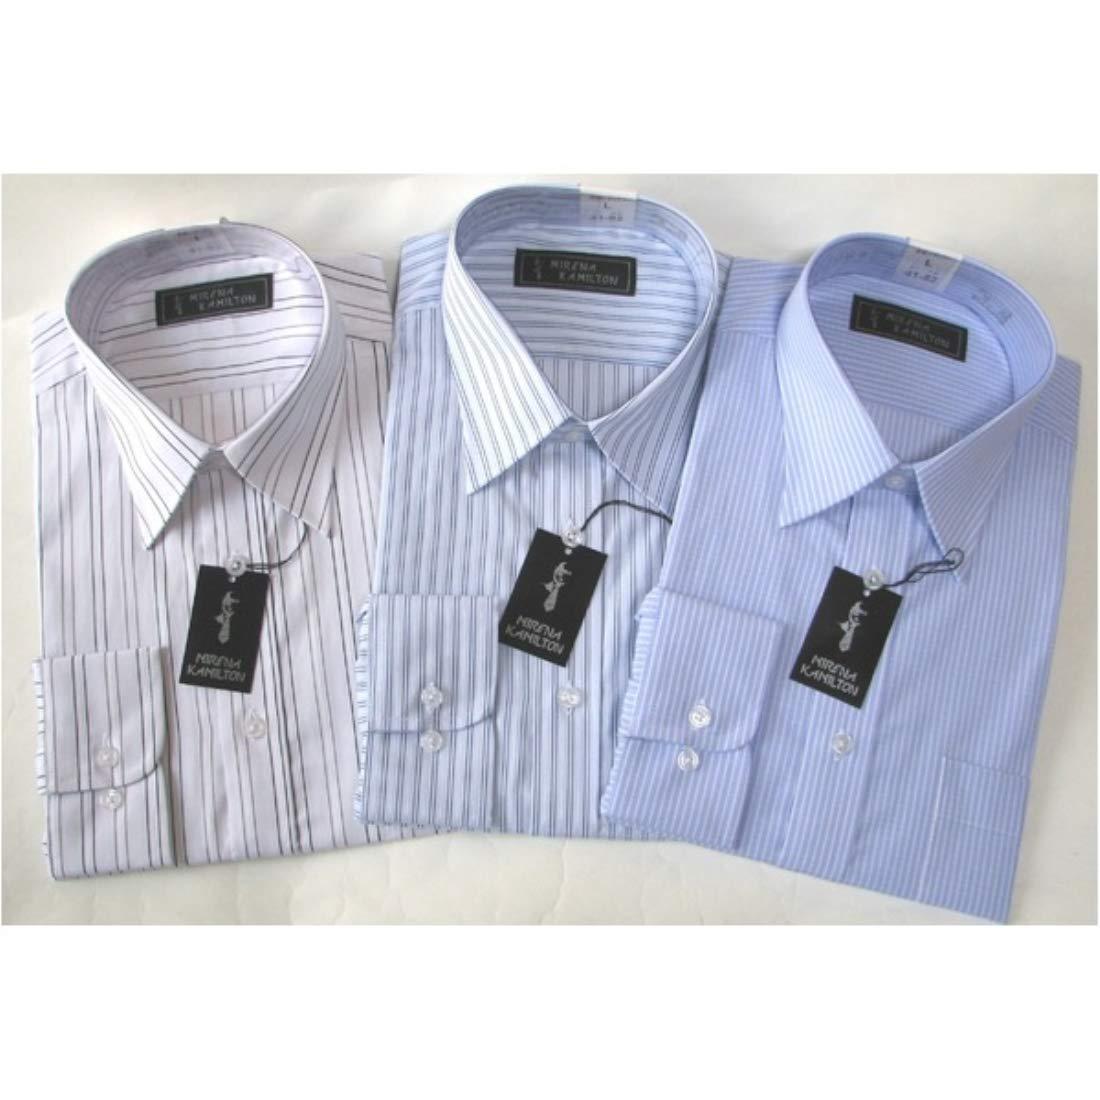 日用品 メンズシャツ 関連商品 メンズビジネスストライプ ワイシャツ 長袖 LLサイズ 【 3点セット 】 B076V6V8XB